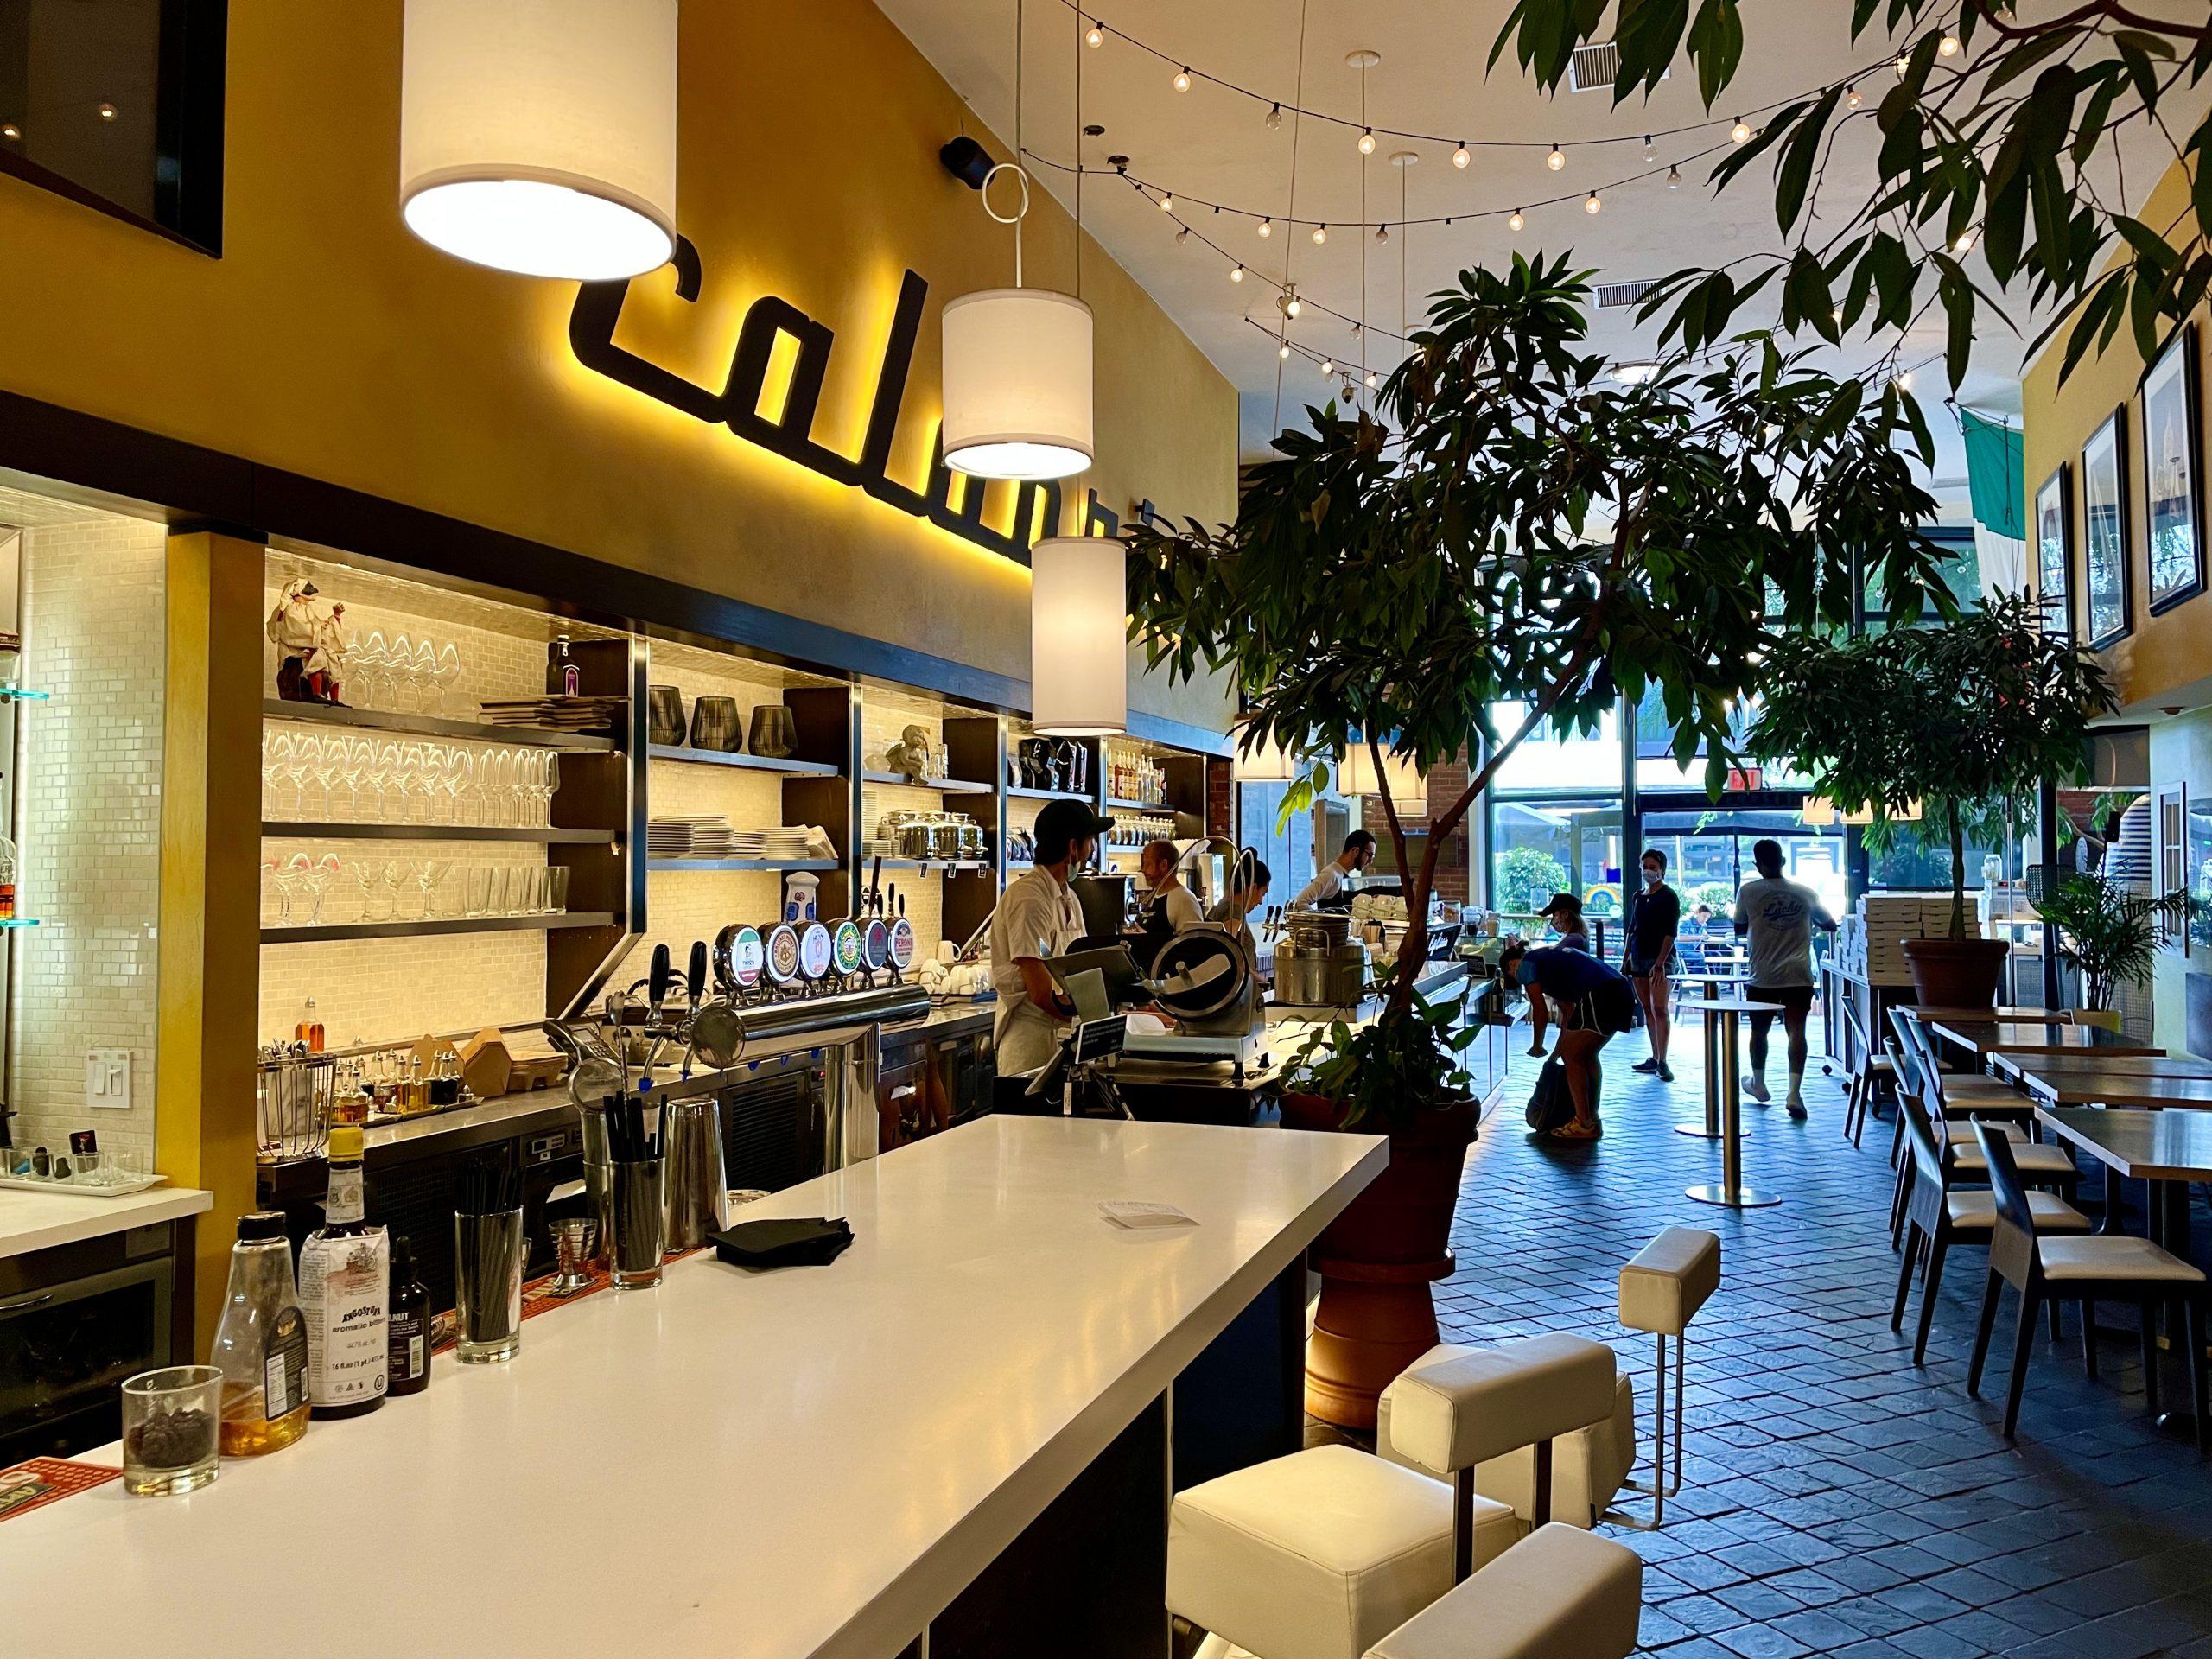 Caffe Calabria